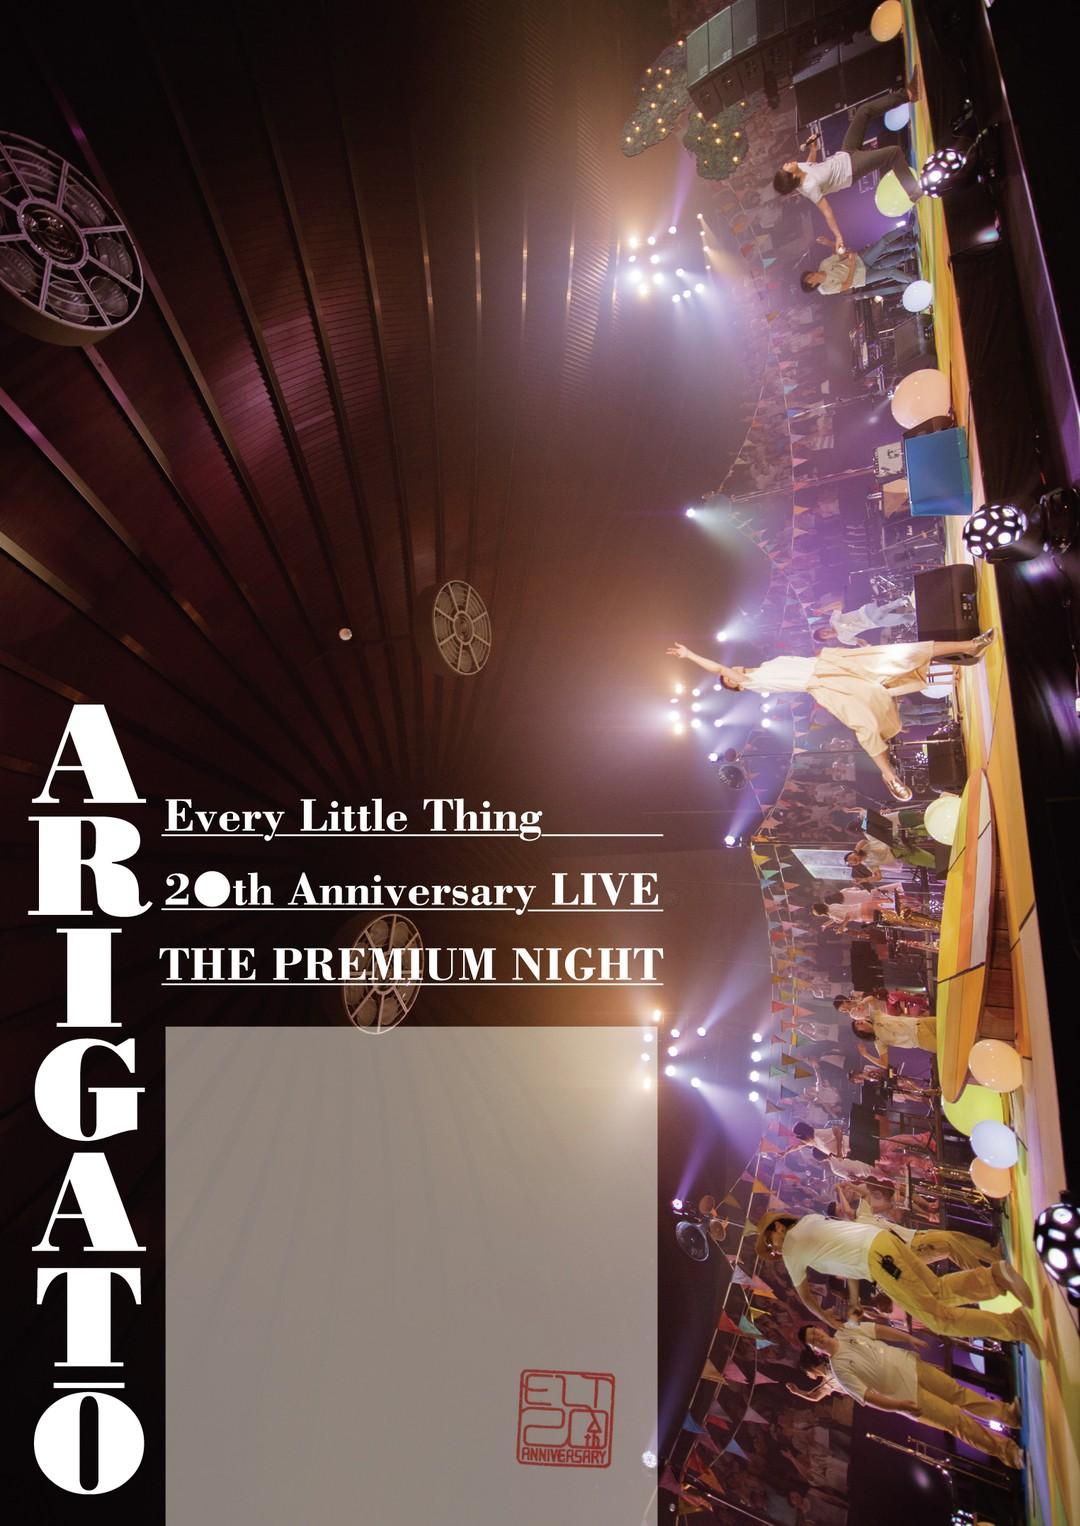 記念すべき20周年を迎えたELTのベストヒットライブ☆